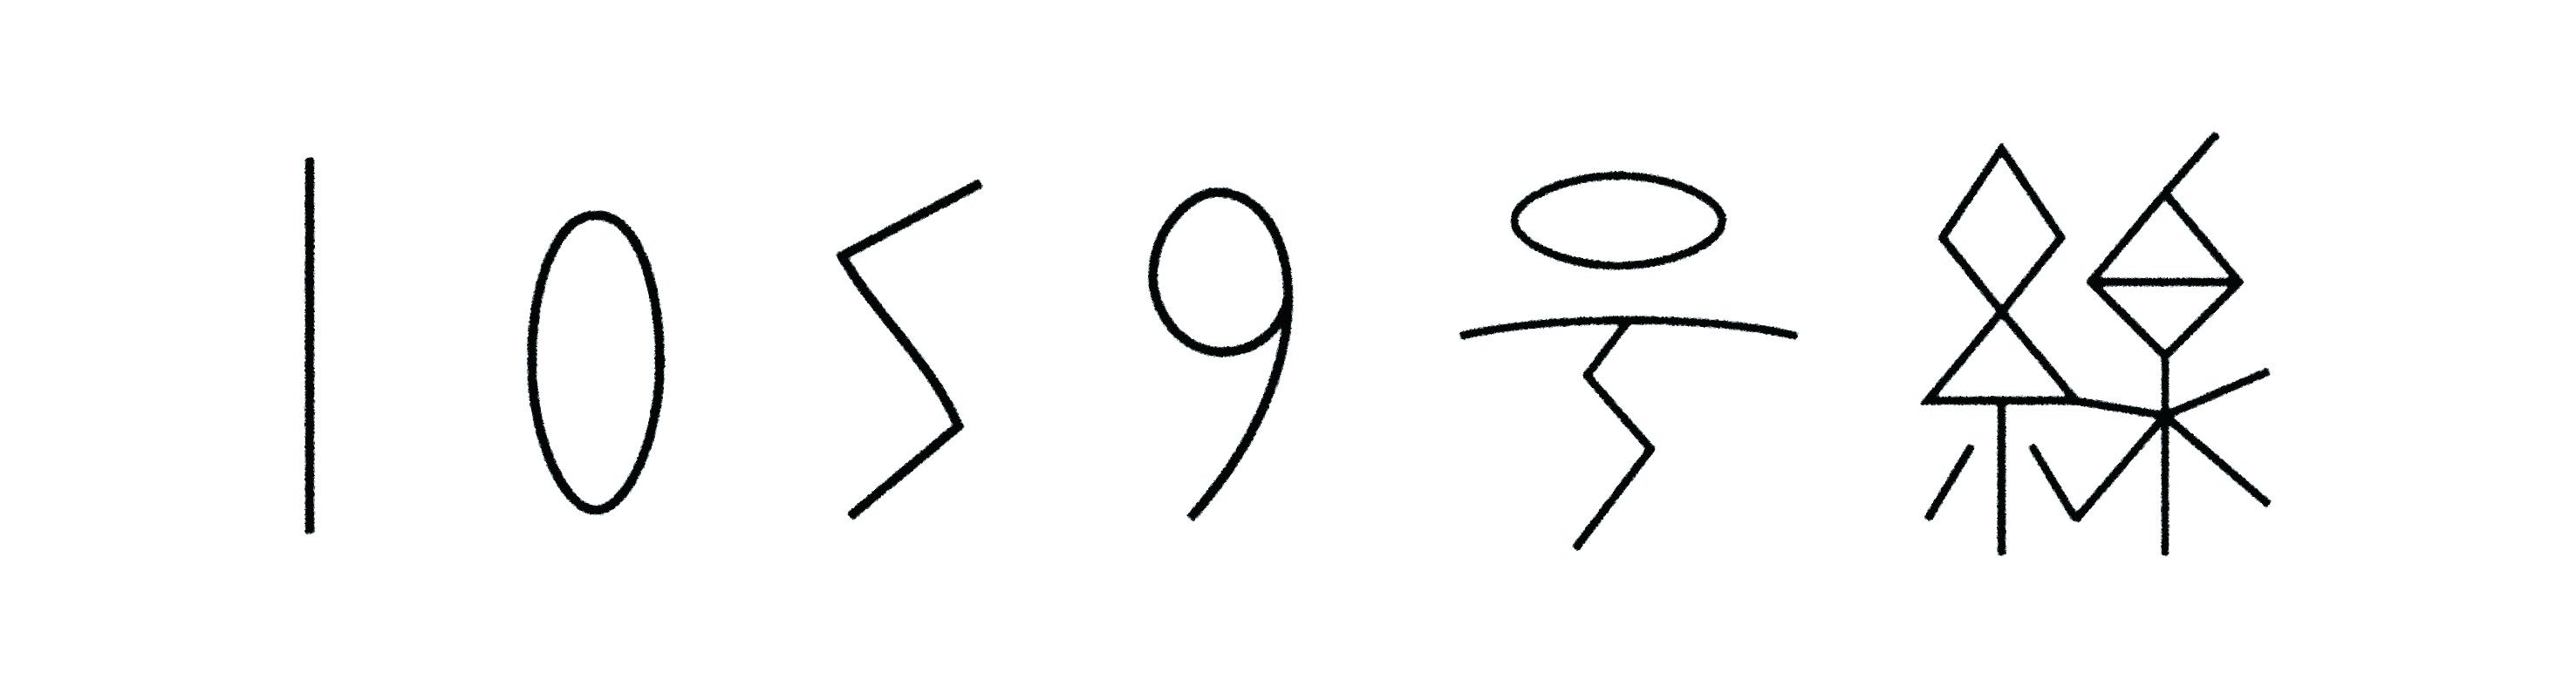 1059号線